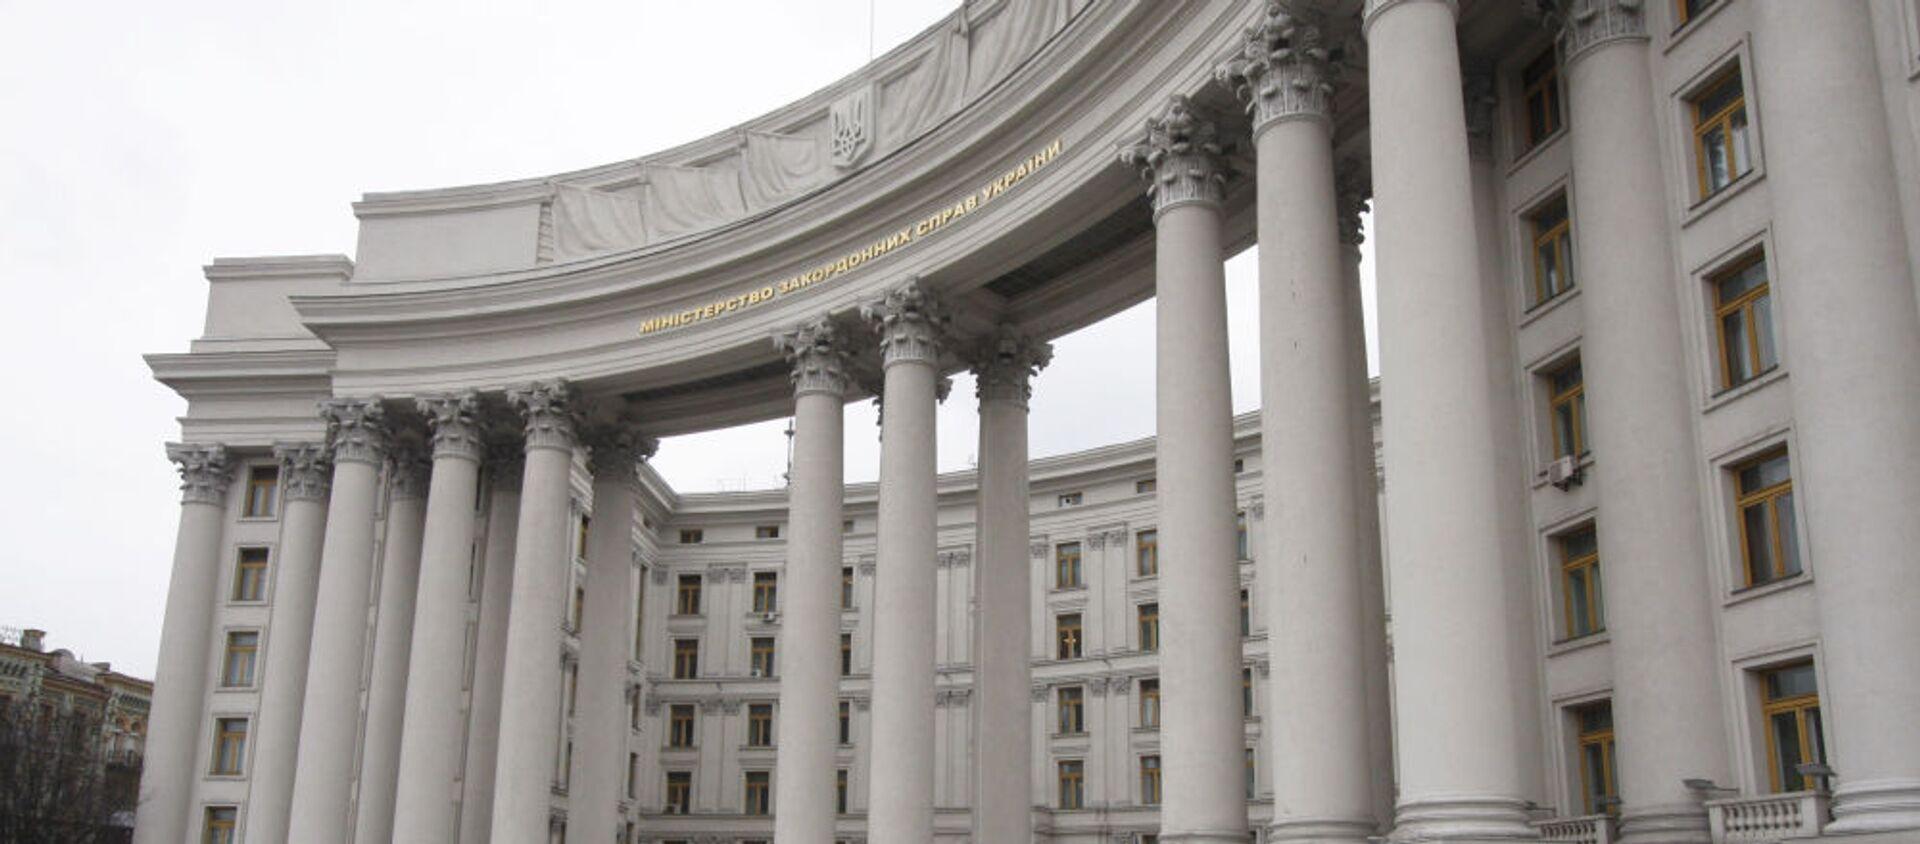 Budynek Ministerstwa Spraw Zagranicznych Ukrainy w Kijowie - Sputnik Polska, 1920, 05.03.2021